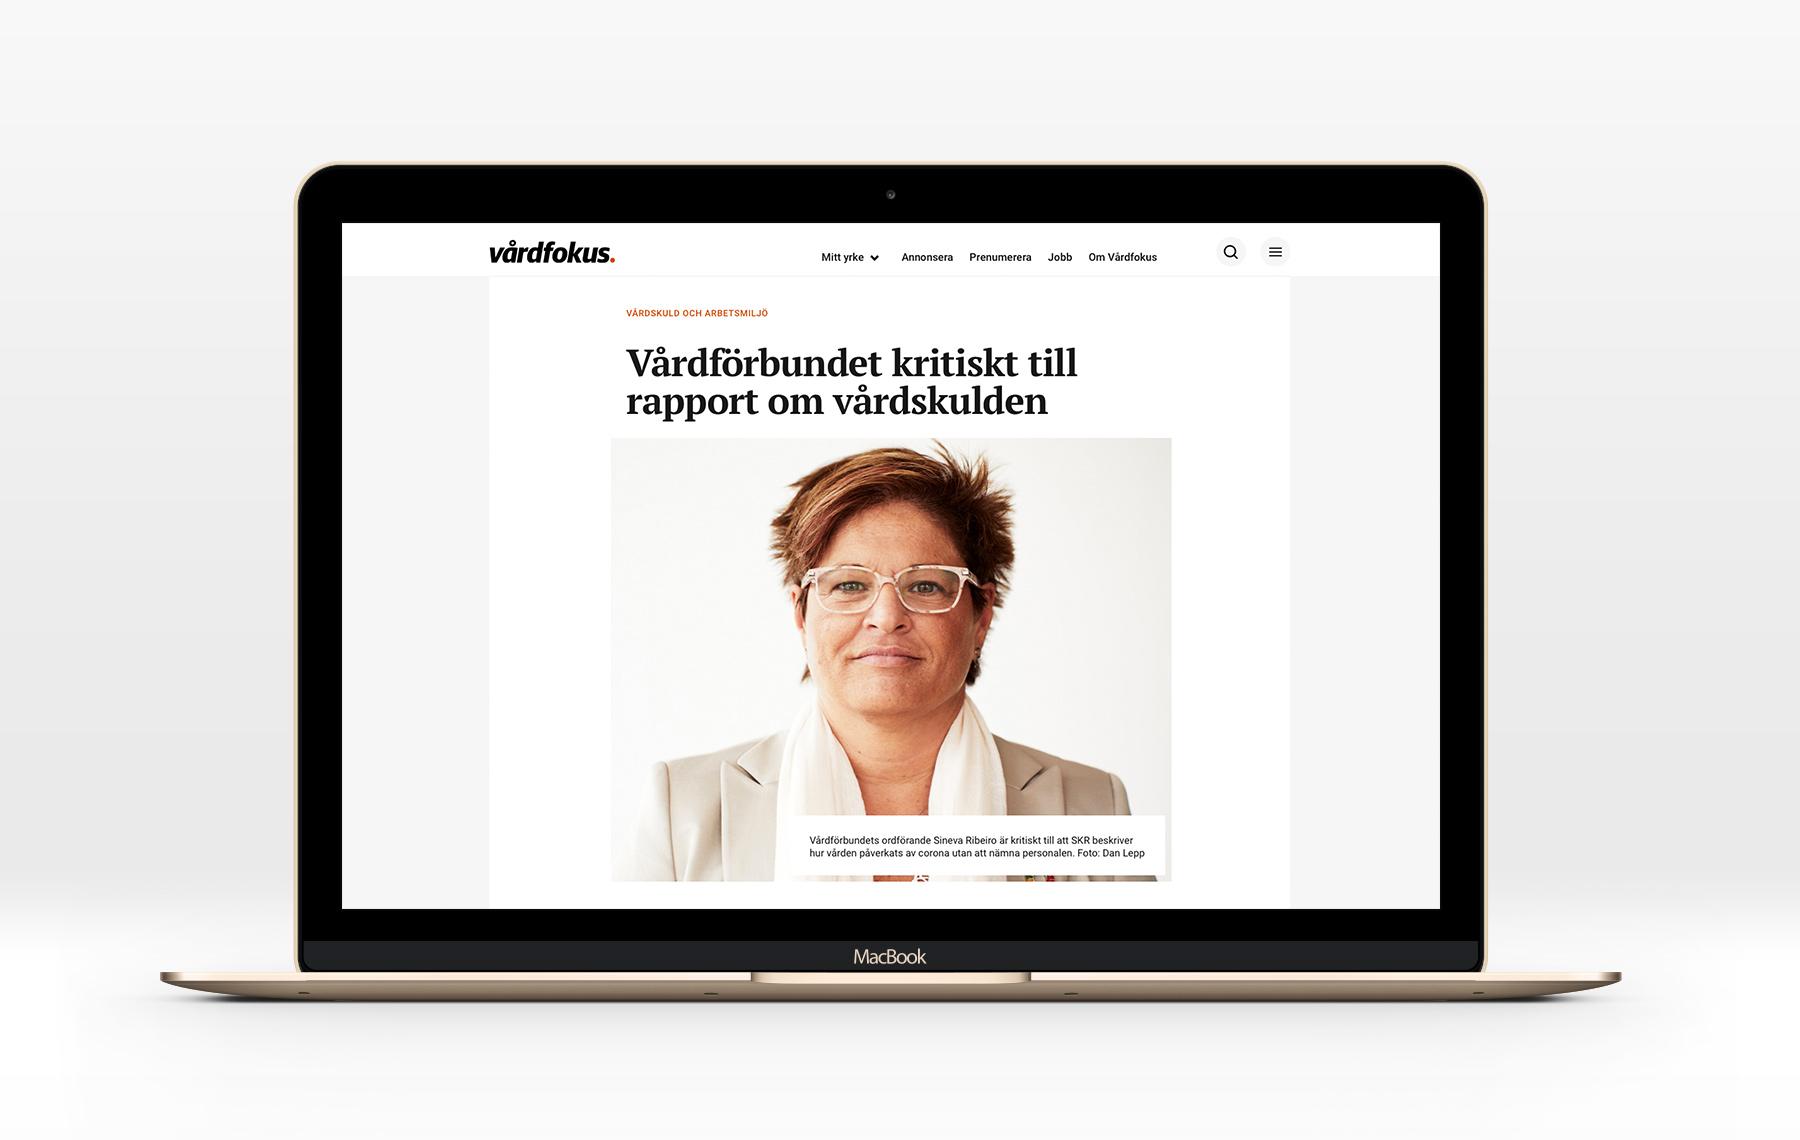 webbtidning tidningen Vårdfokus